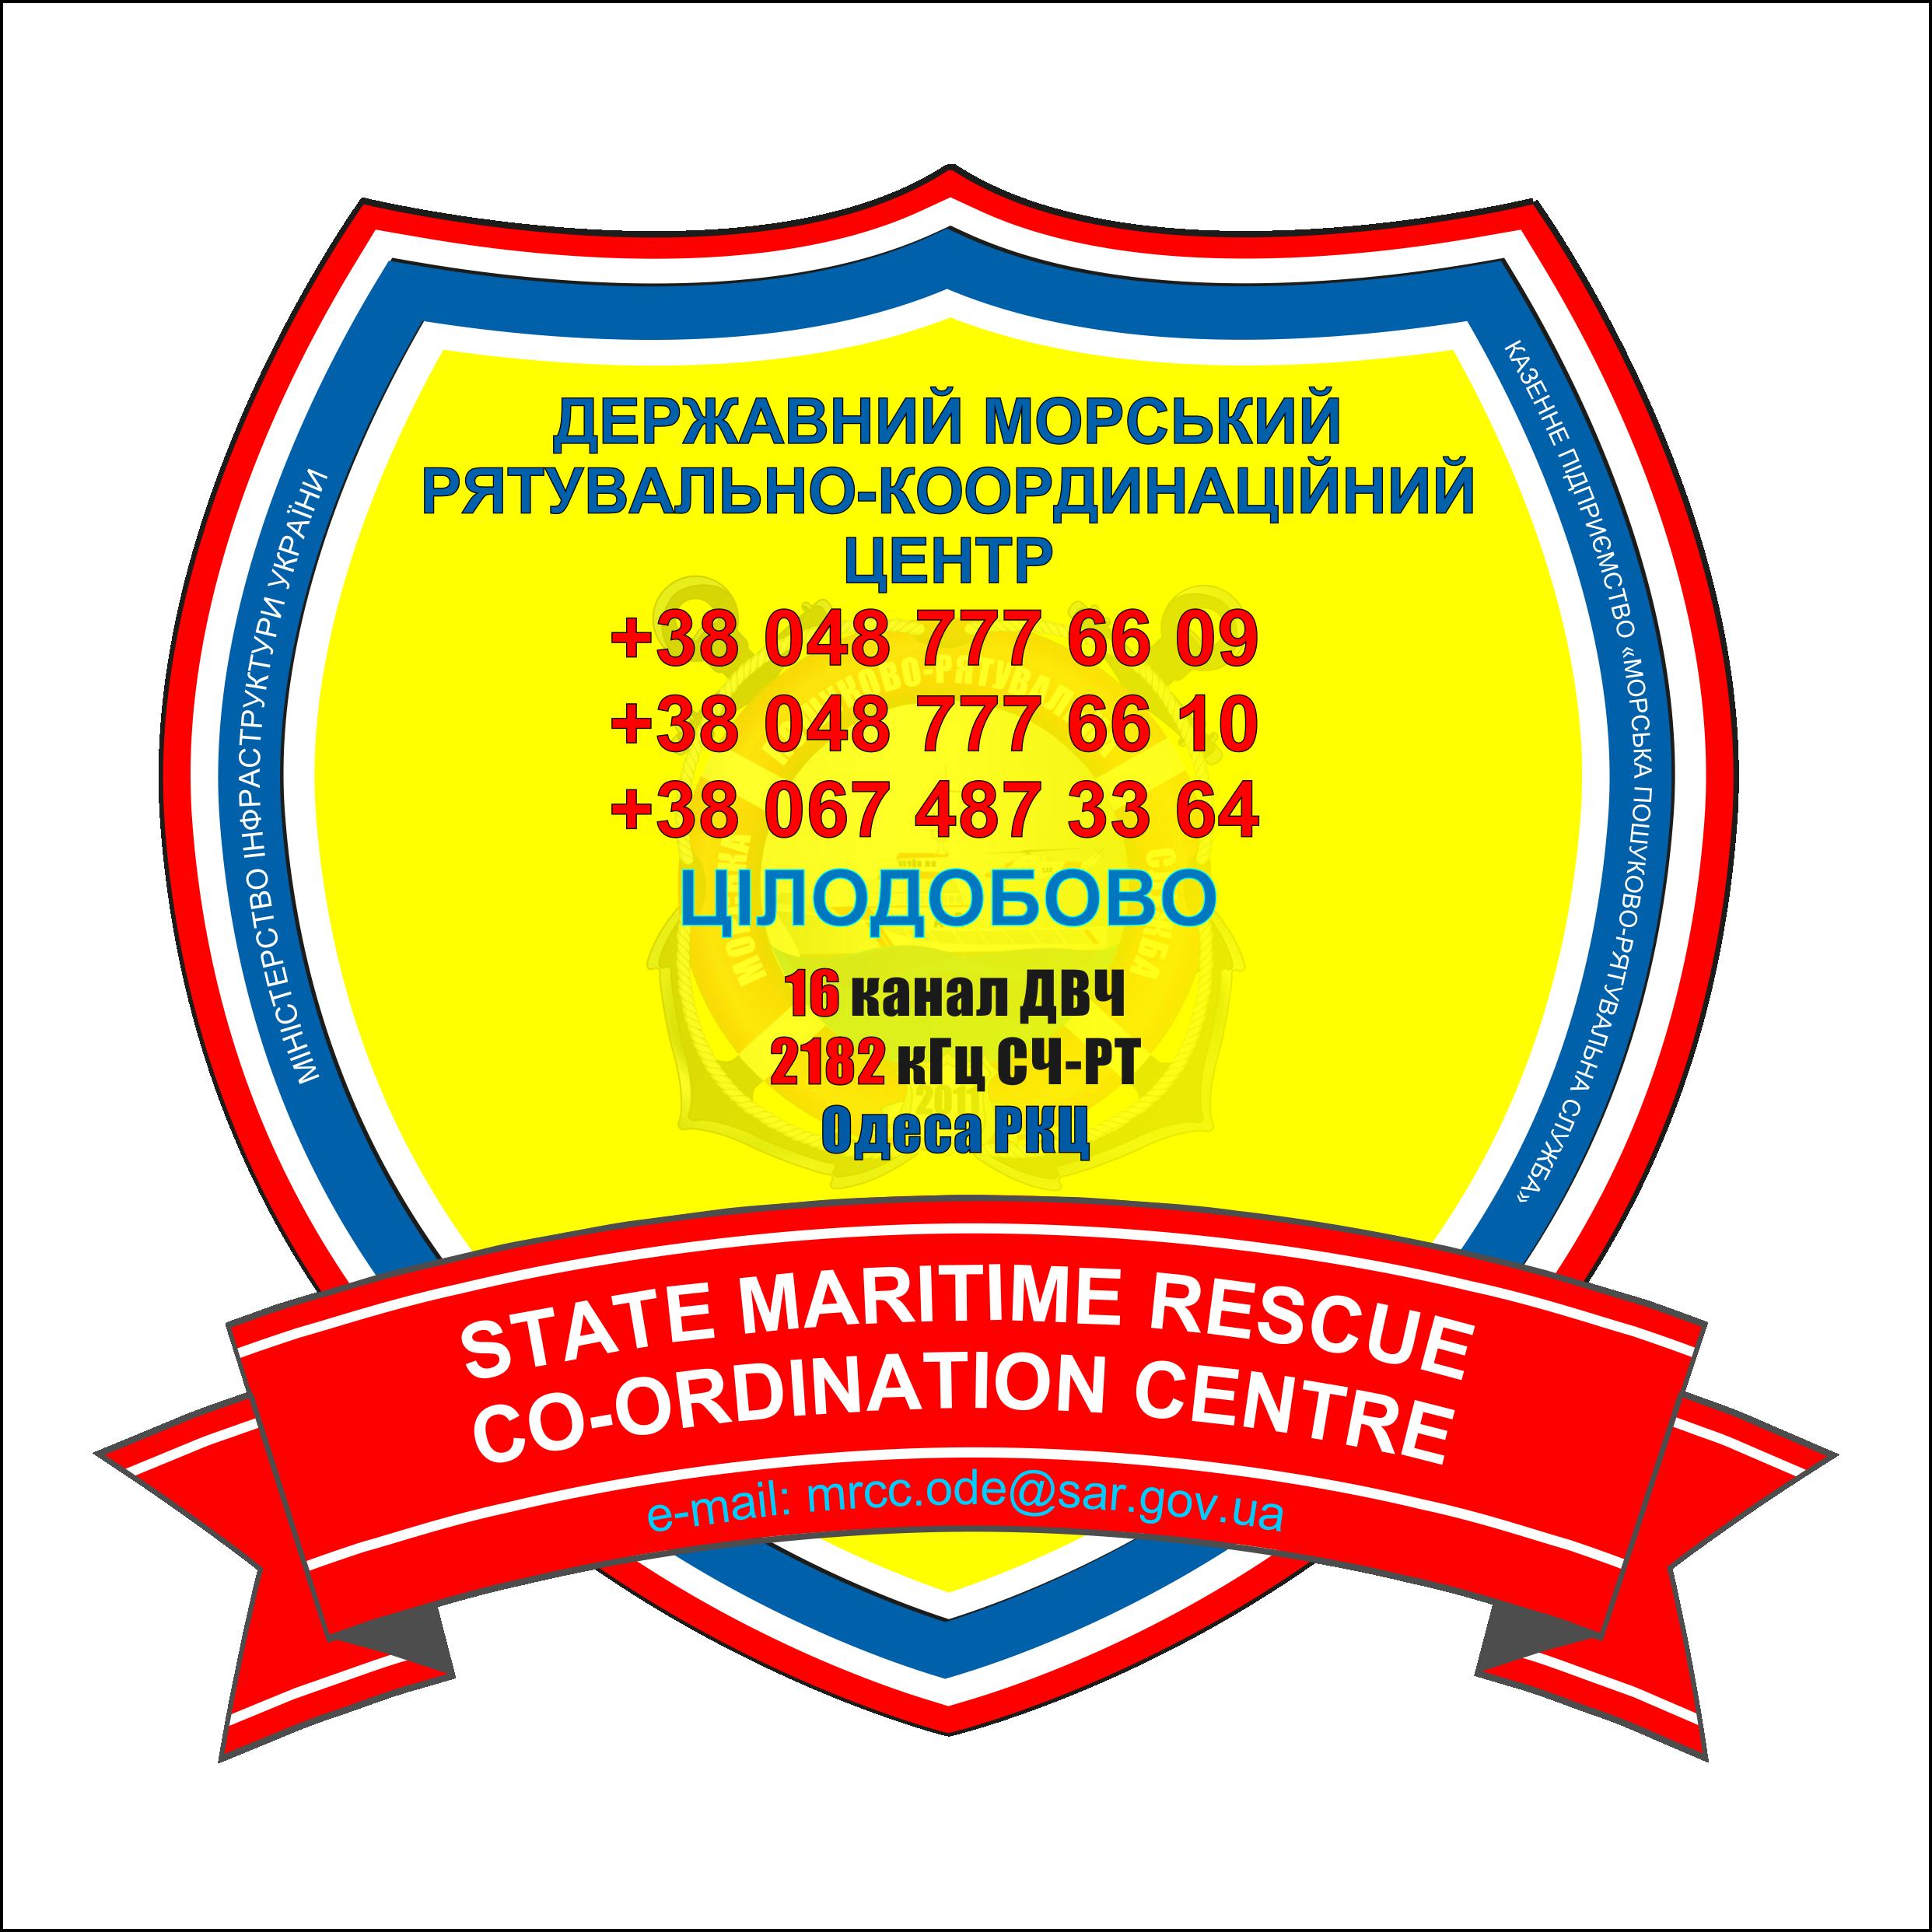 Морская Поиково Спасательная служба